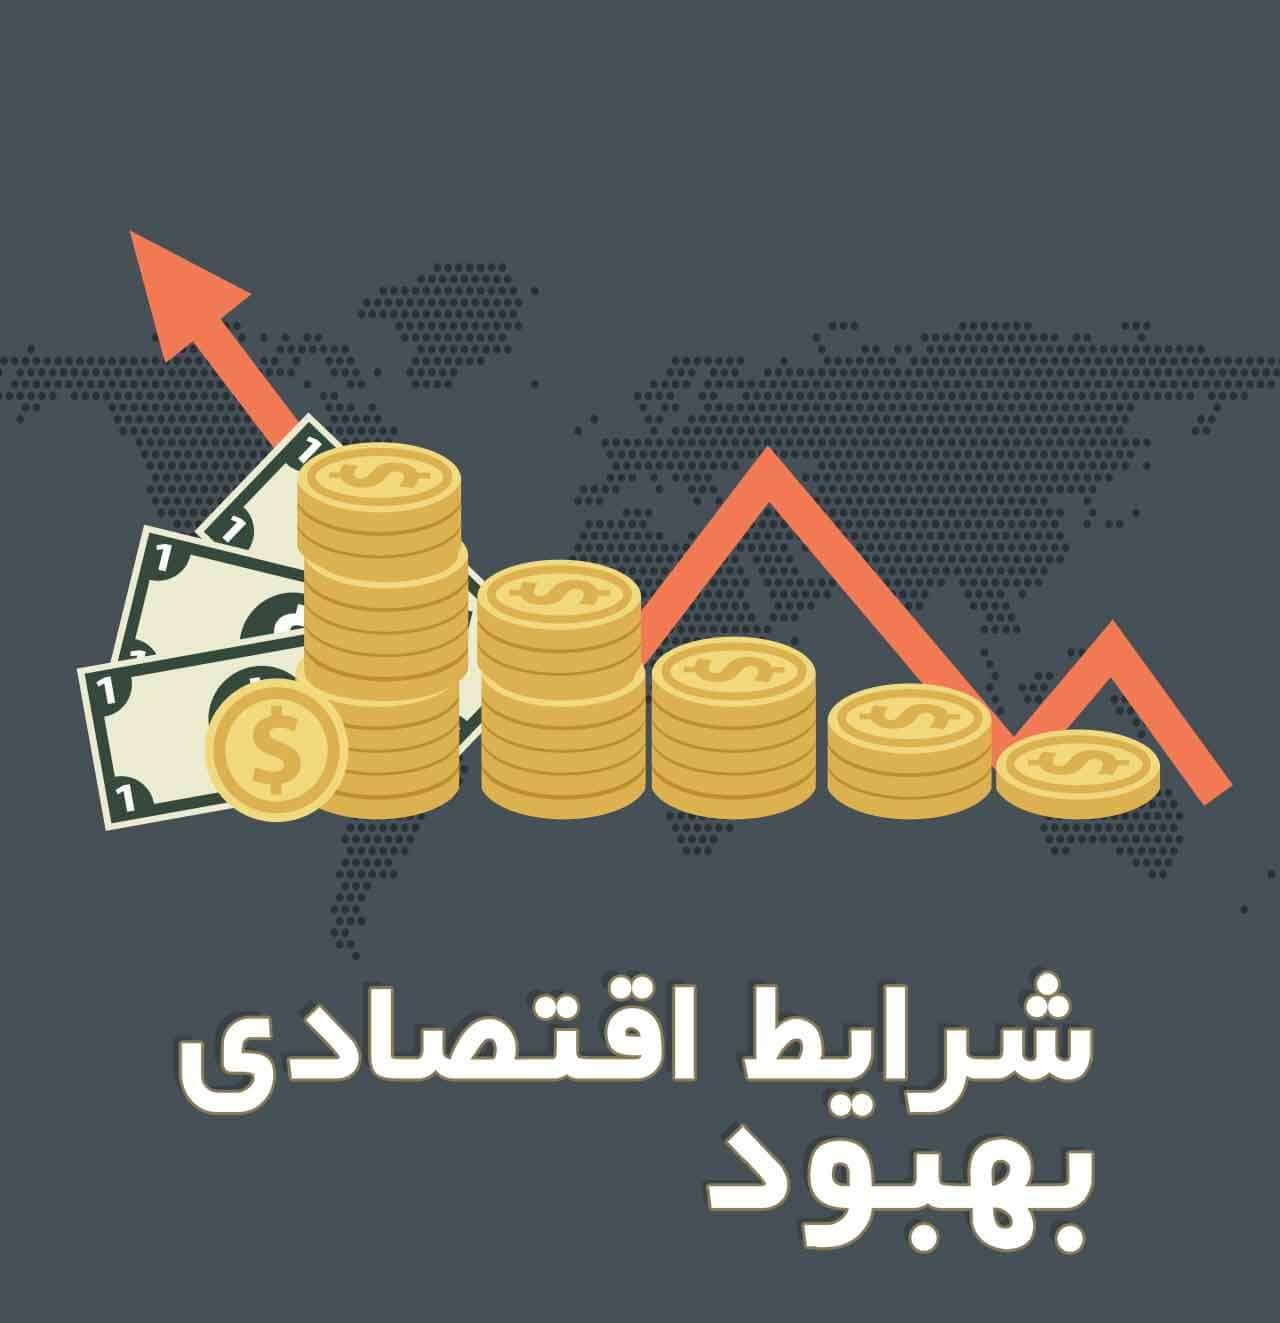 آیا برنامه ای برای بهبود شرایط اقتصادی خود دارید؟